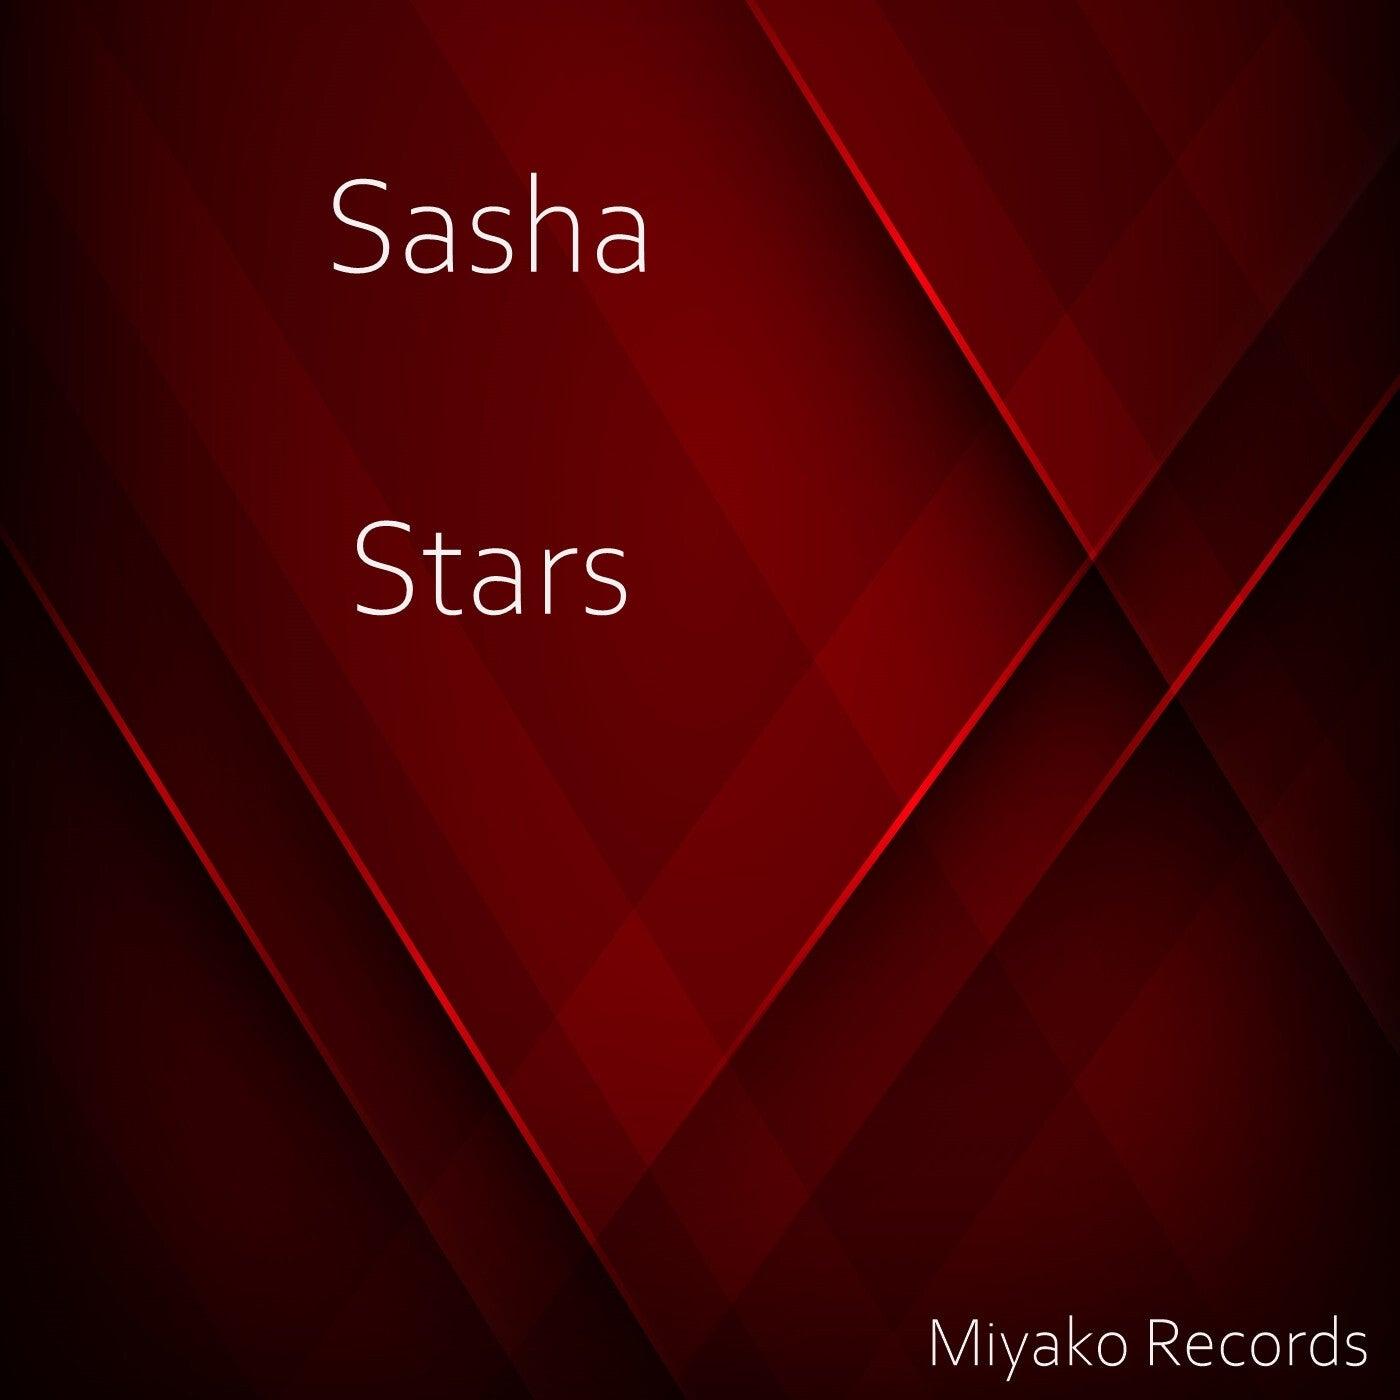 Stars (Original Mix)